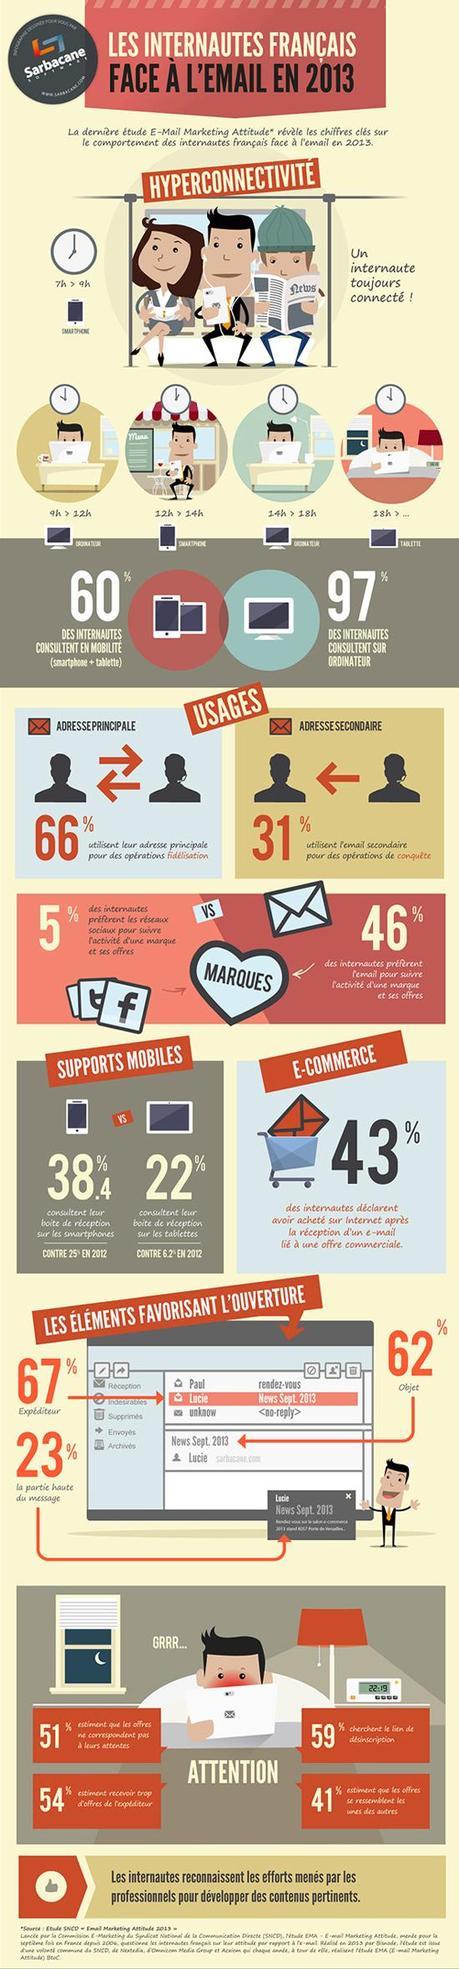 [Infographies] L'Email, Le Marketing Et Les Français